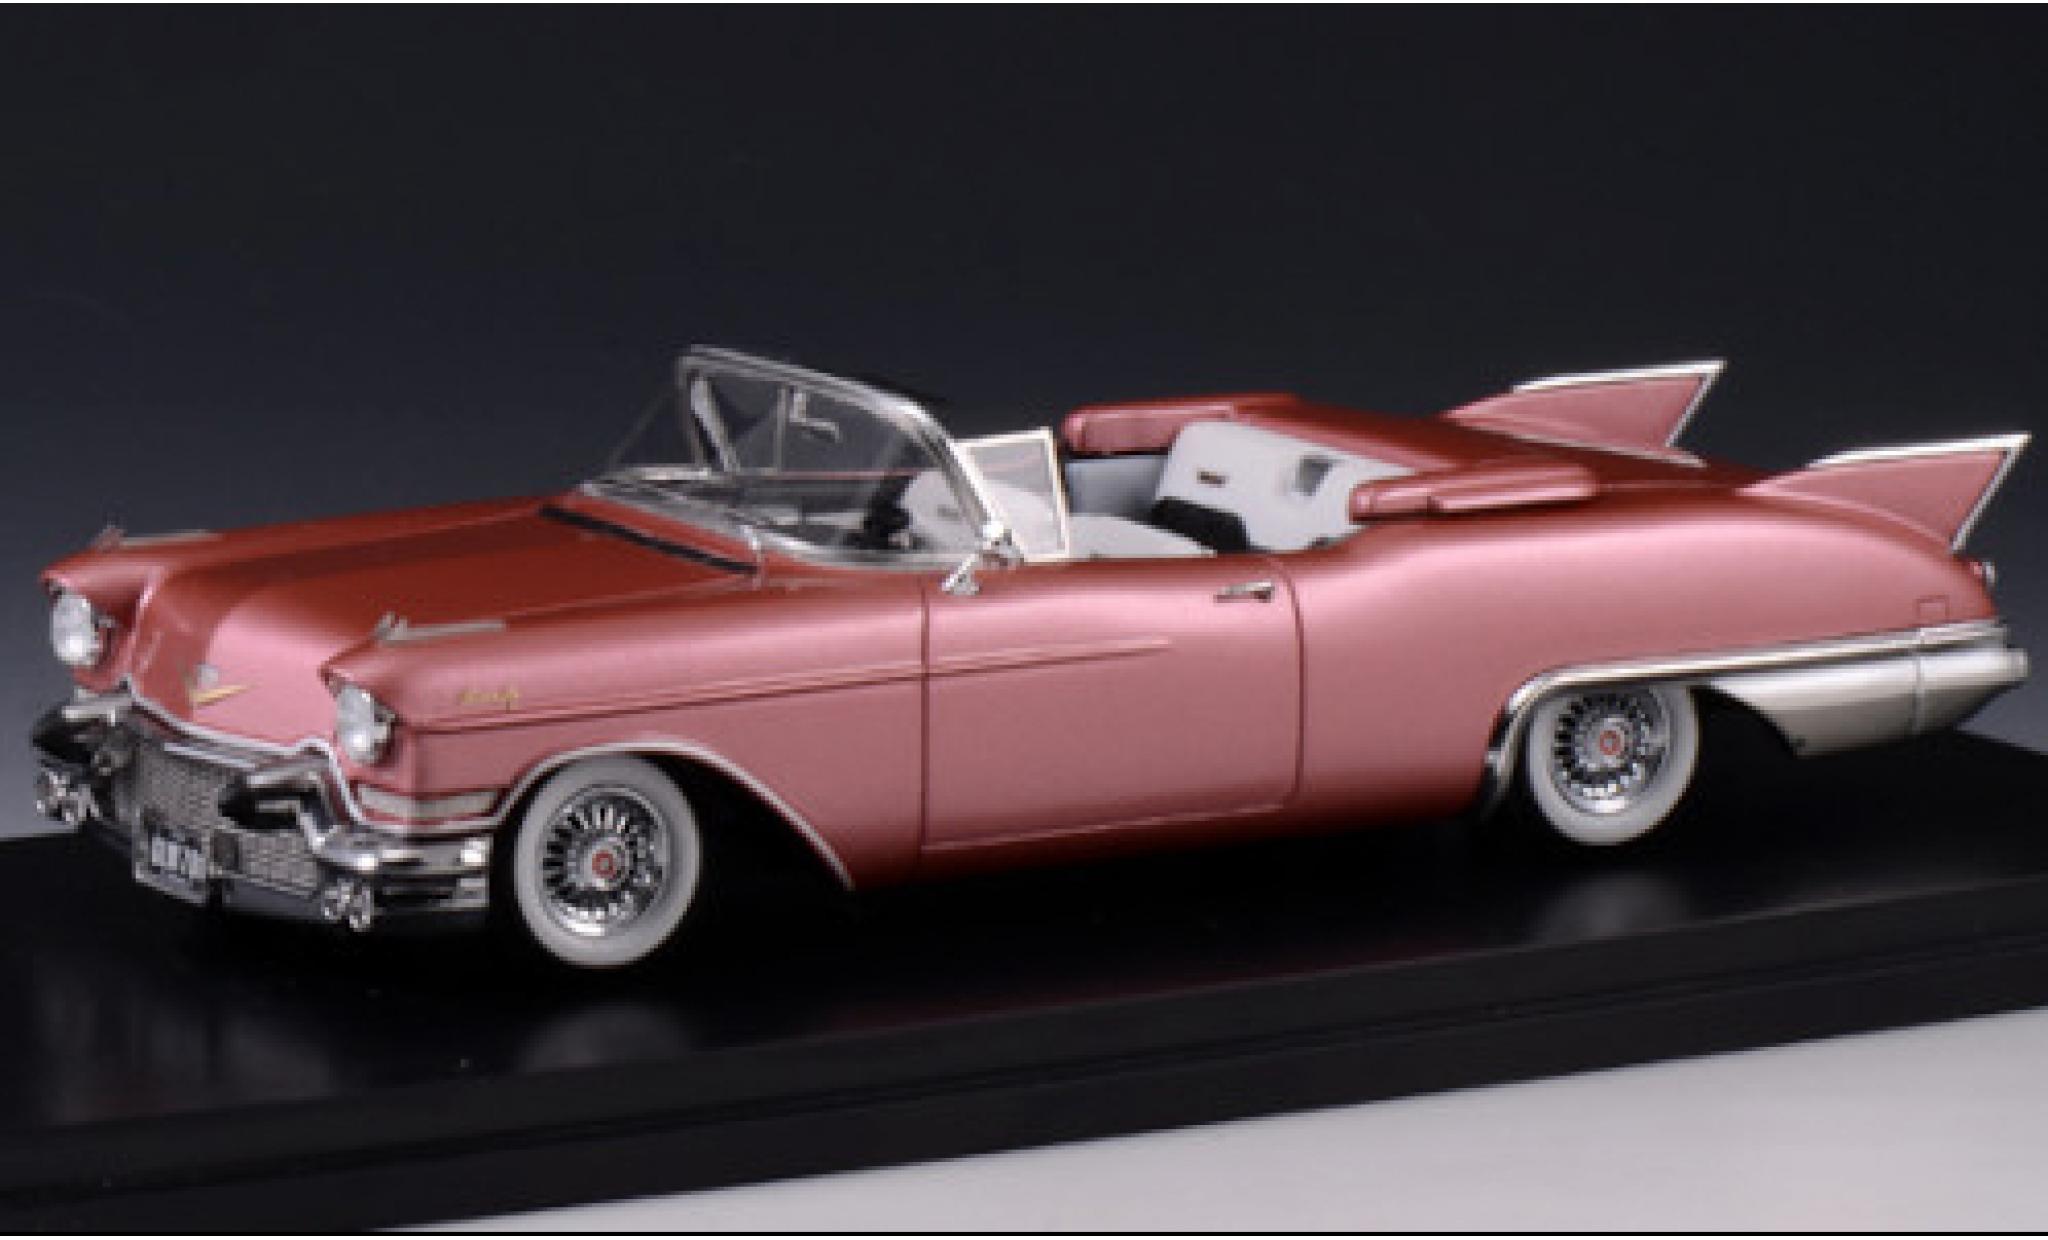 Cadillac Eldorado 1/43 Stamp Models Biarritz metallise pink 1957